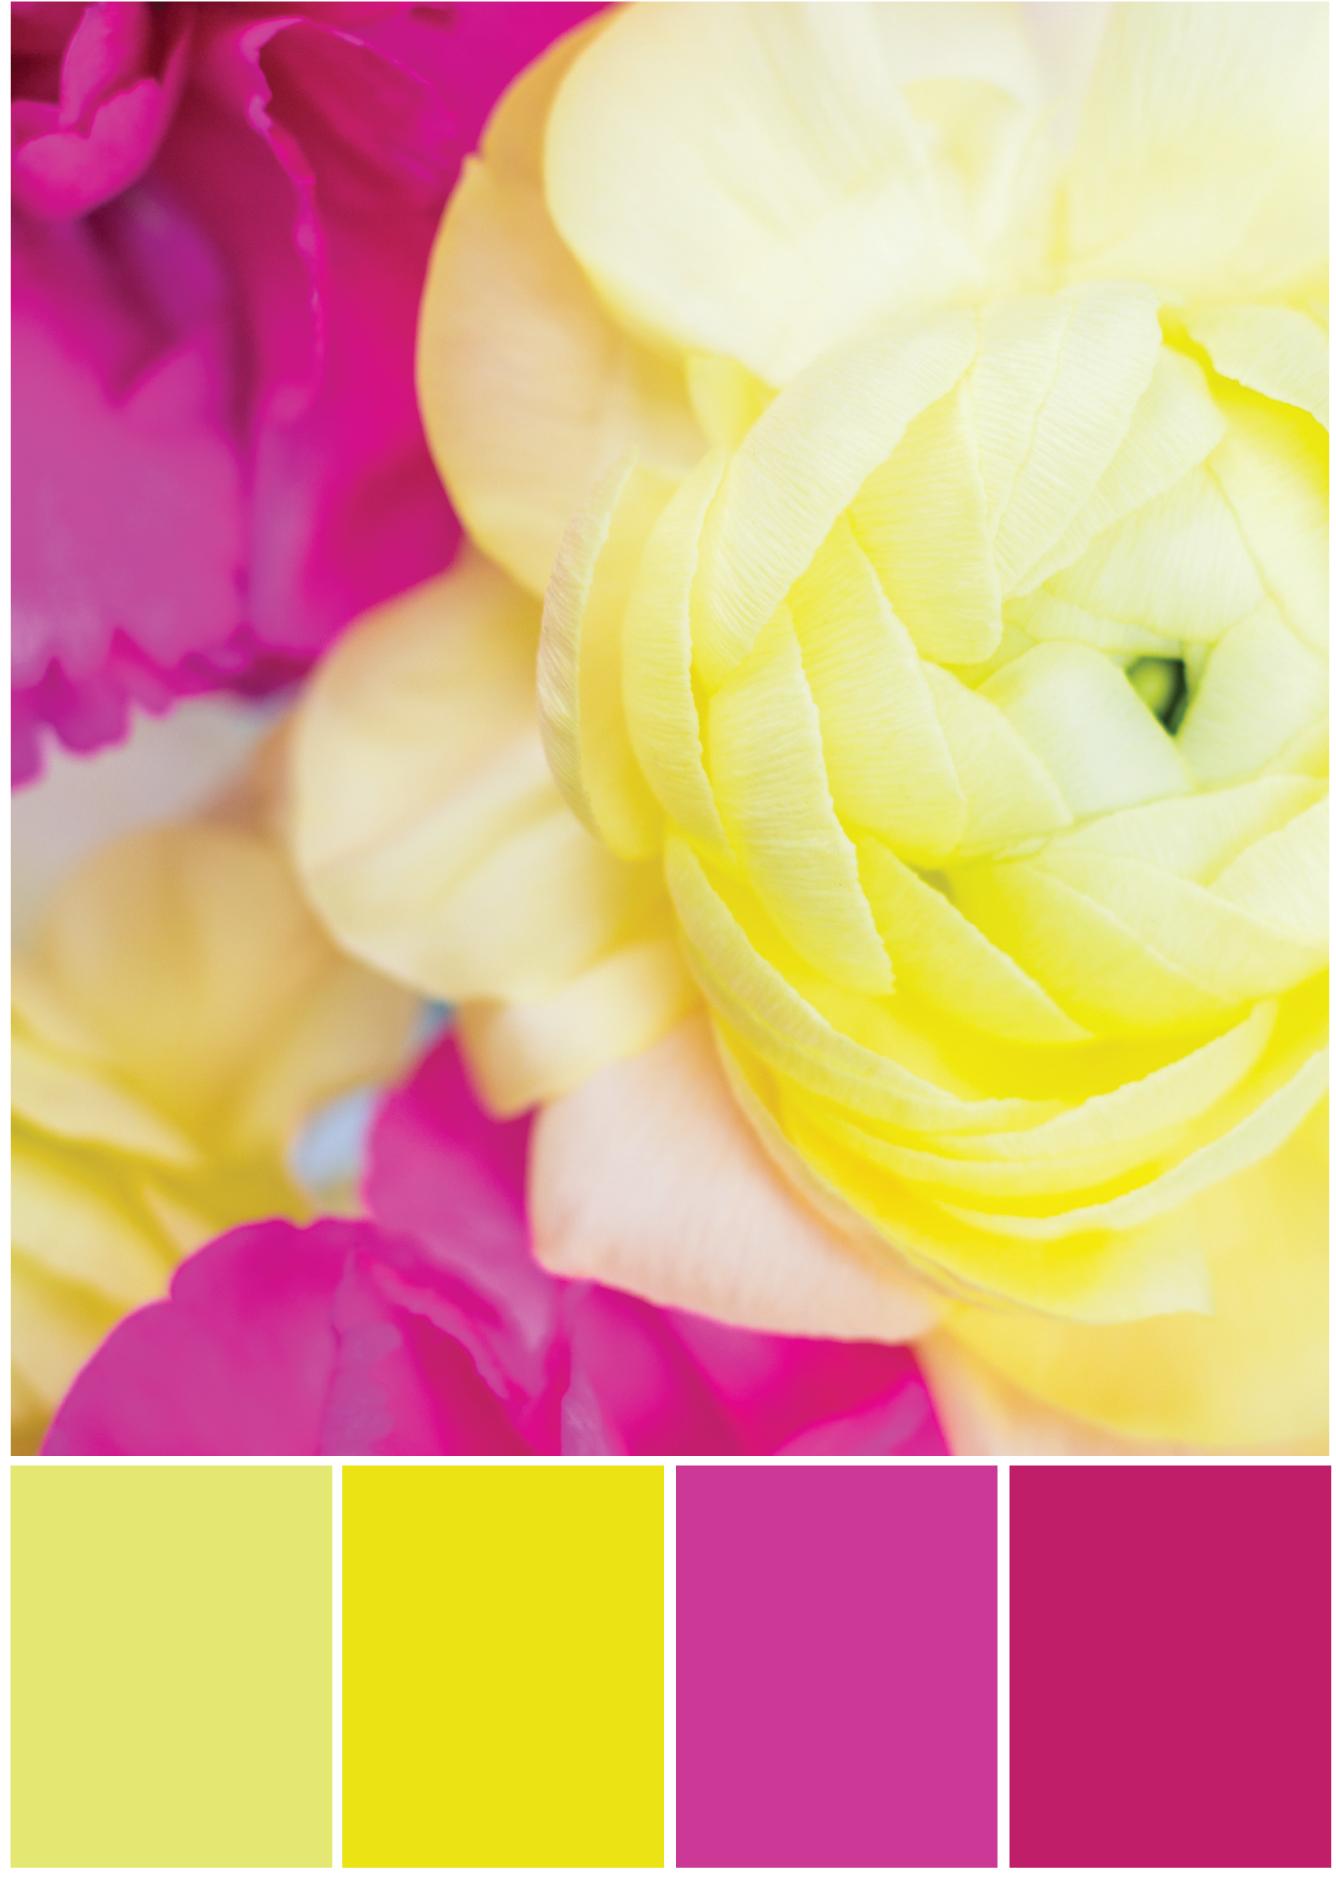 Gelb Pinke Farbpalette - Tweed & Greet